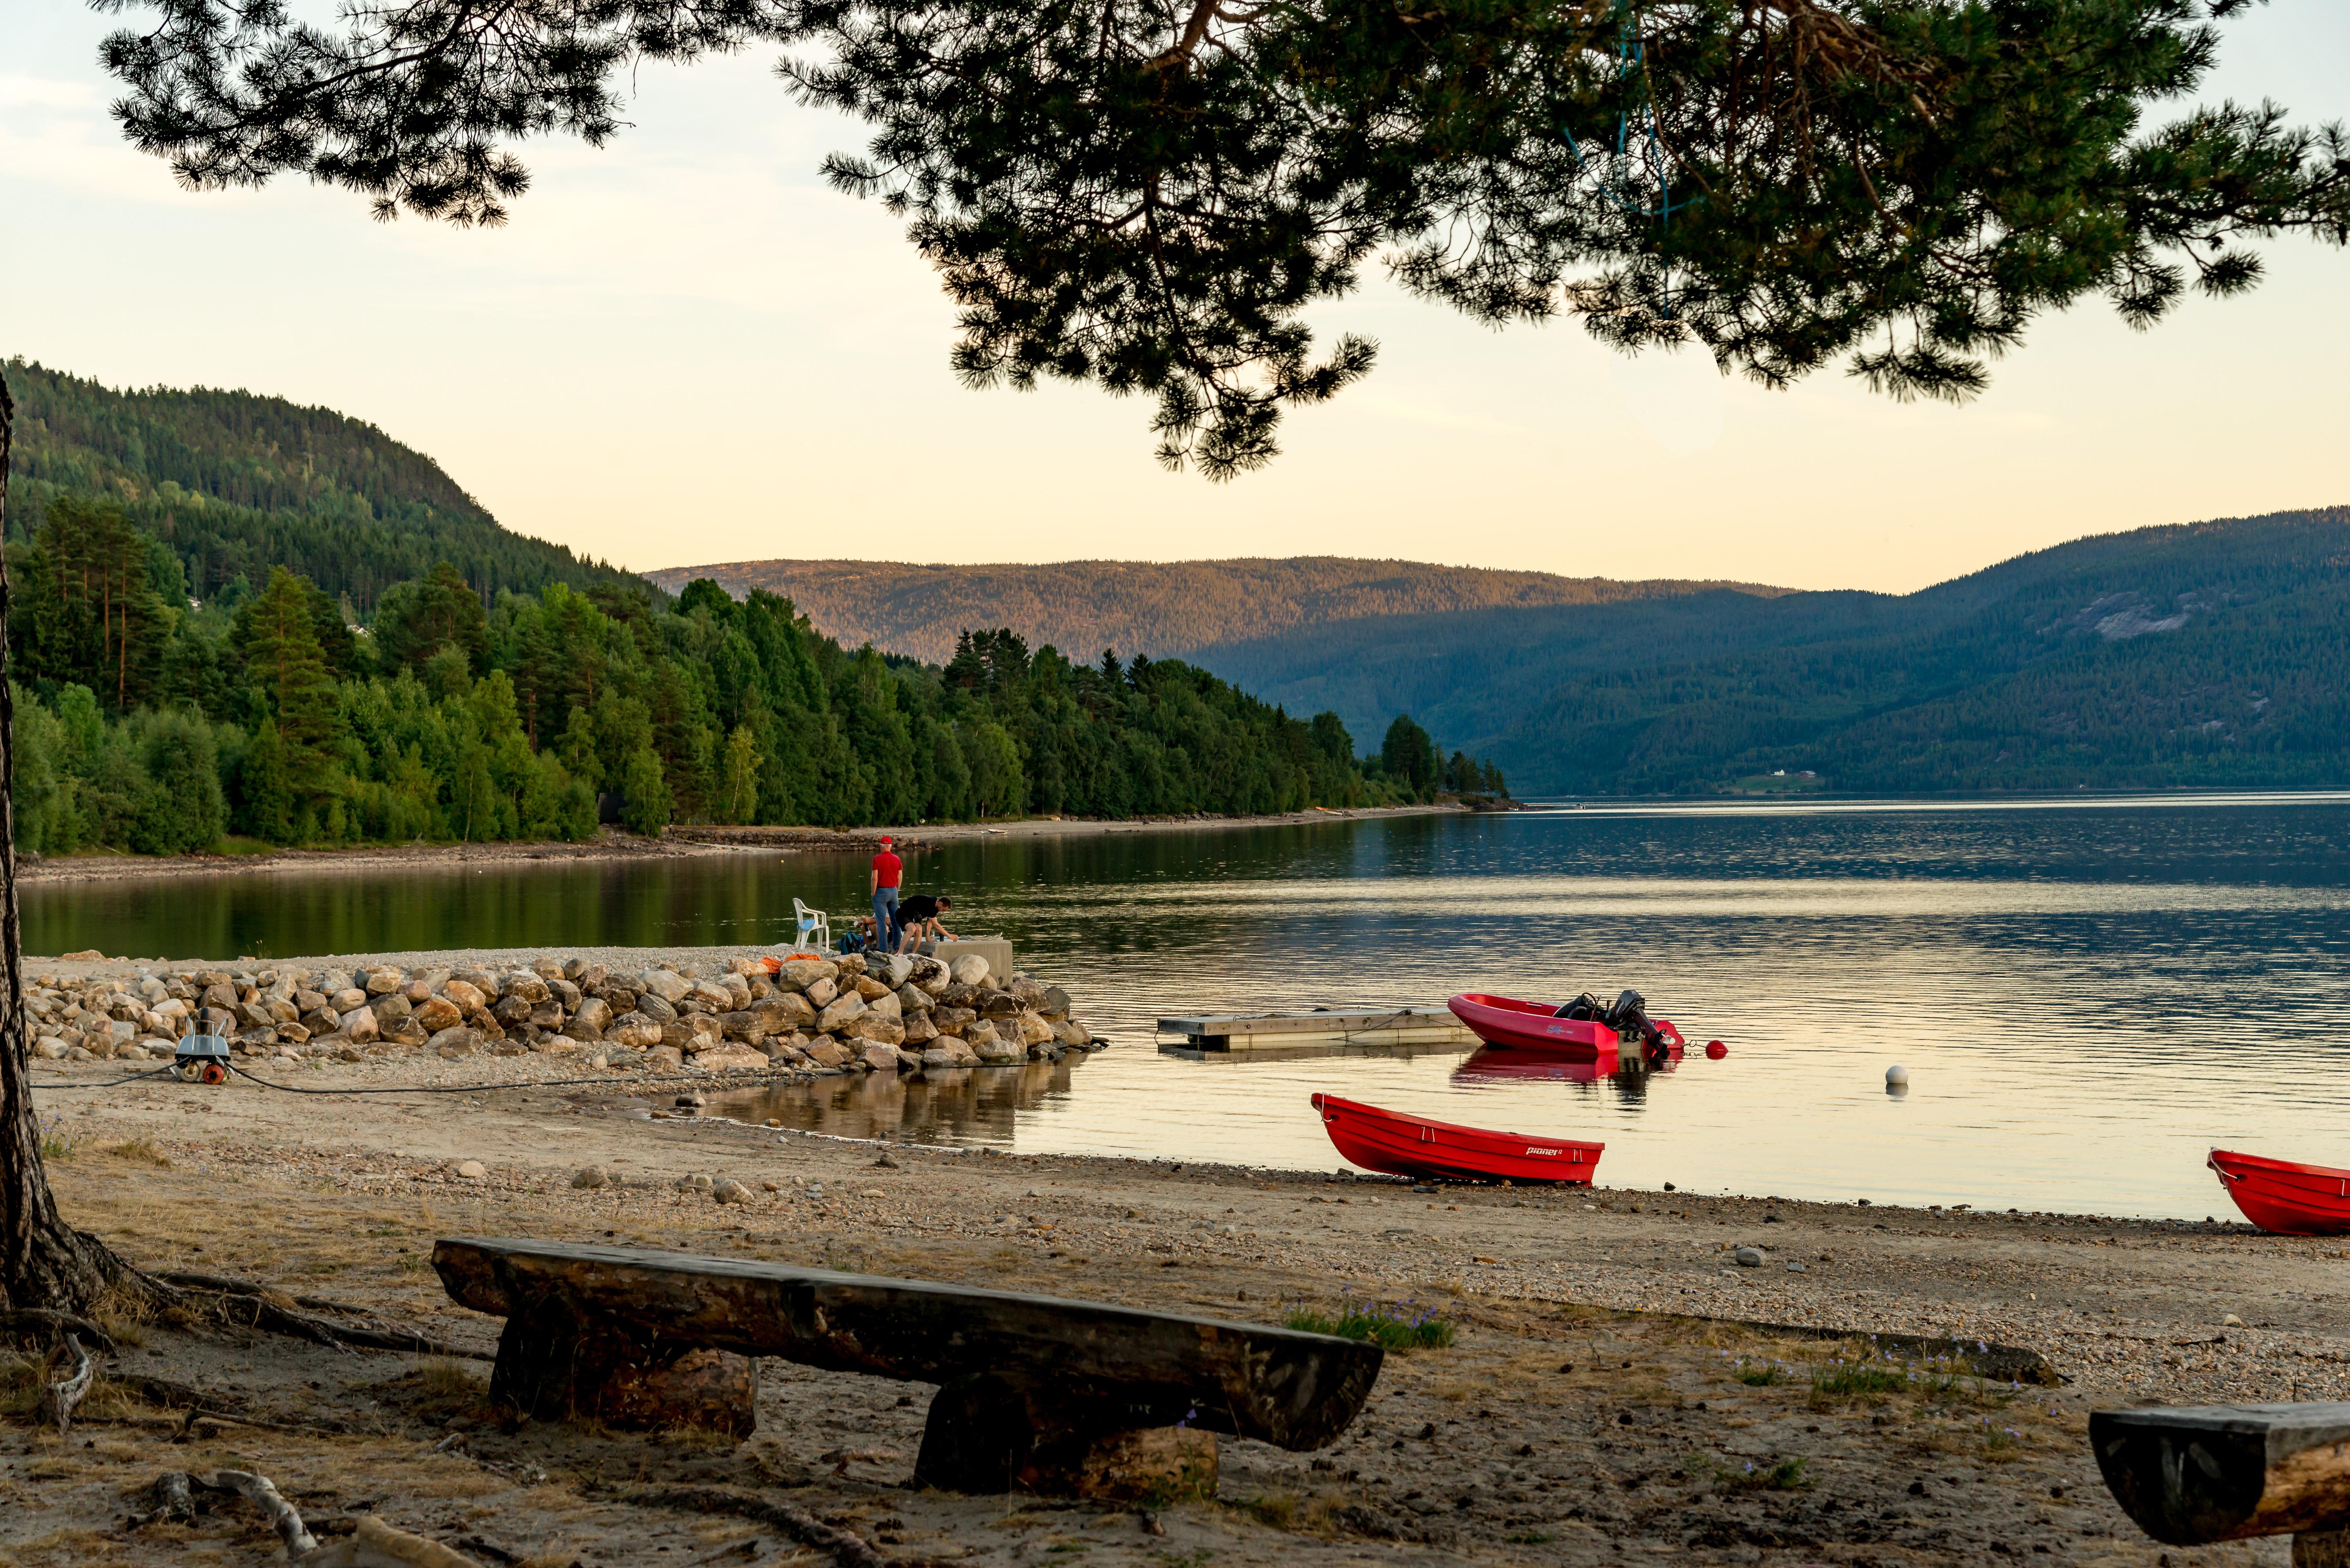 Campingplass med 70 plasser til campingvogn/bobil/telt. Nytt servicebygg med toaletter og dusjer. Selvbetjening.